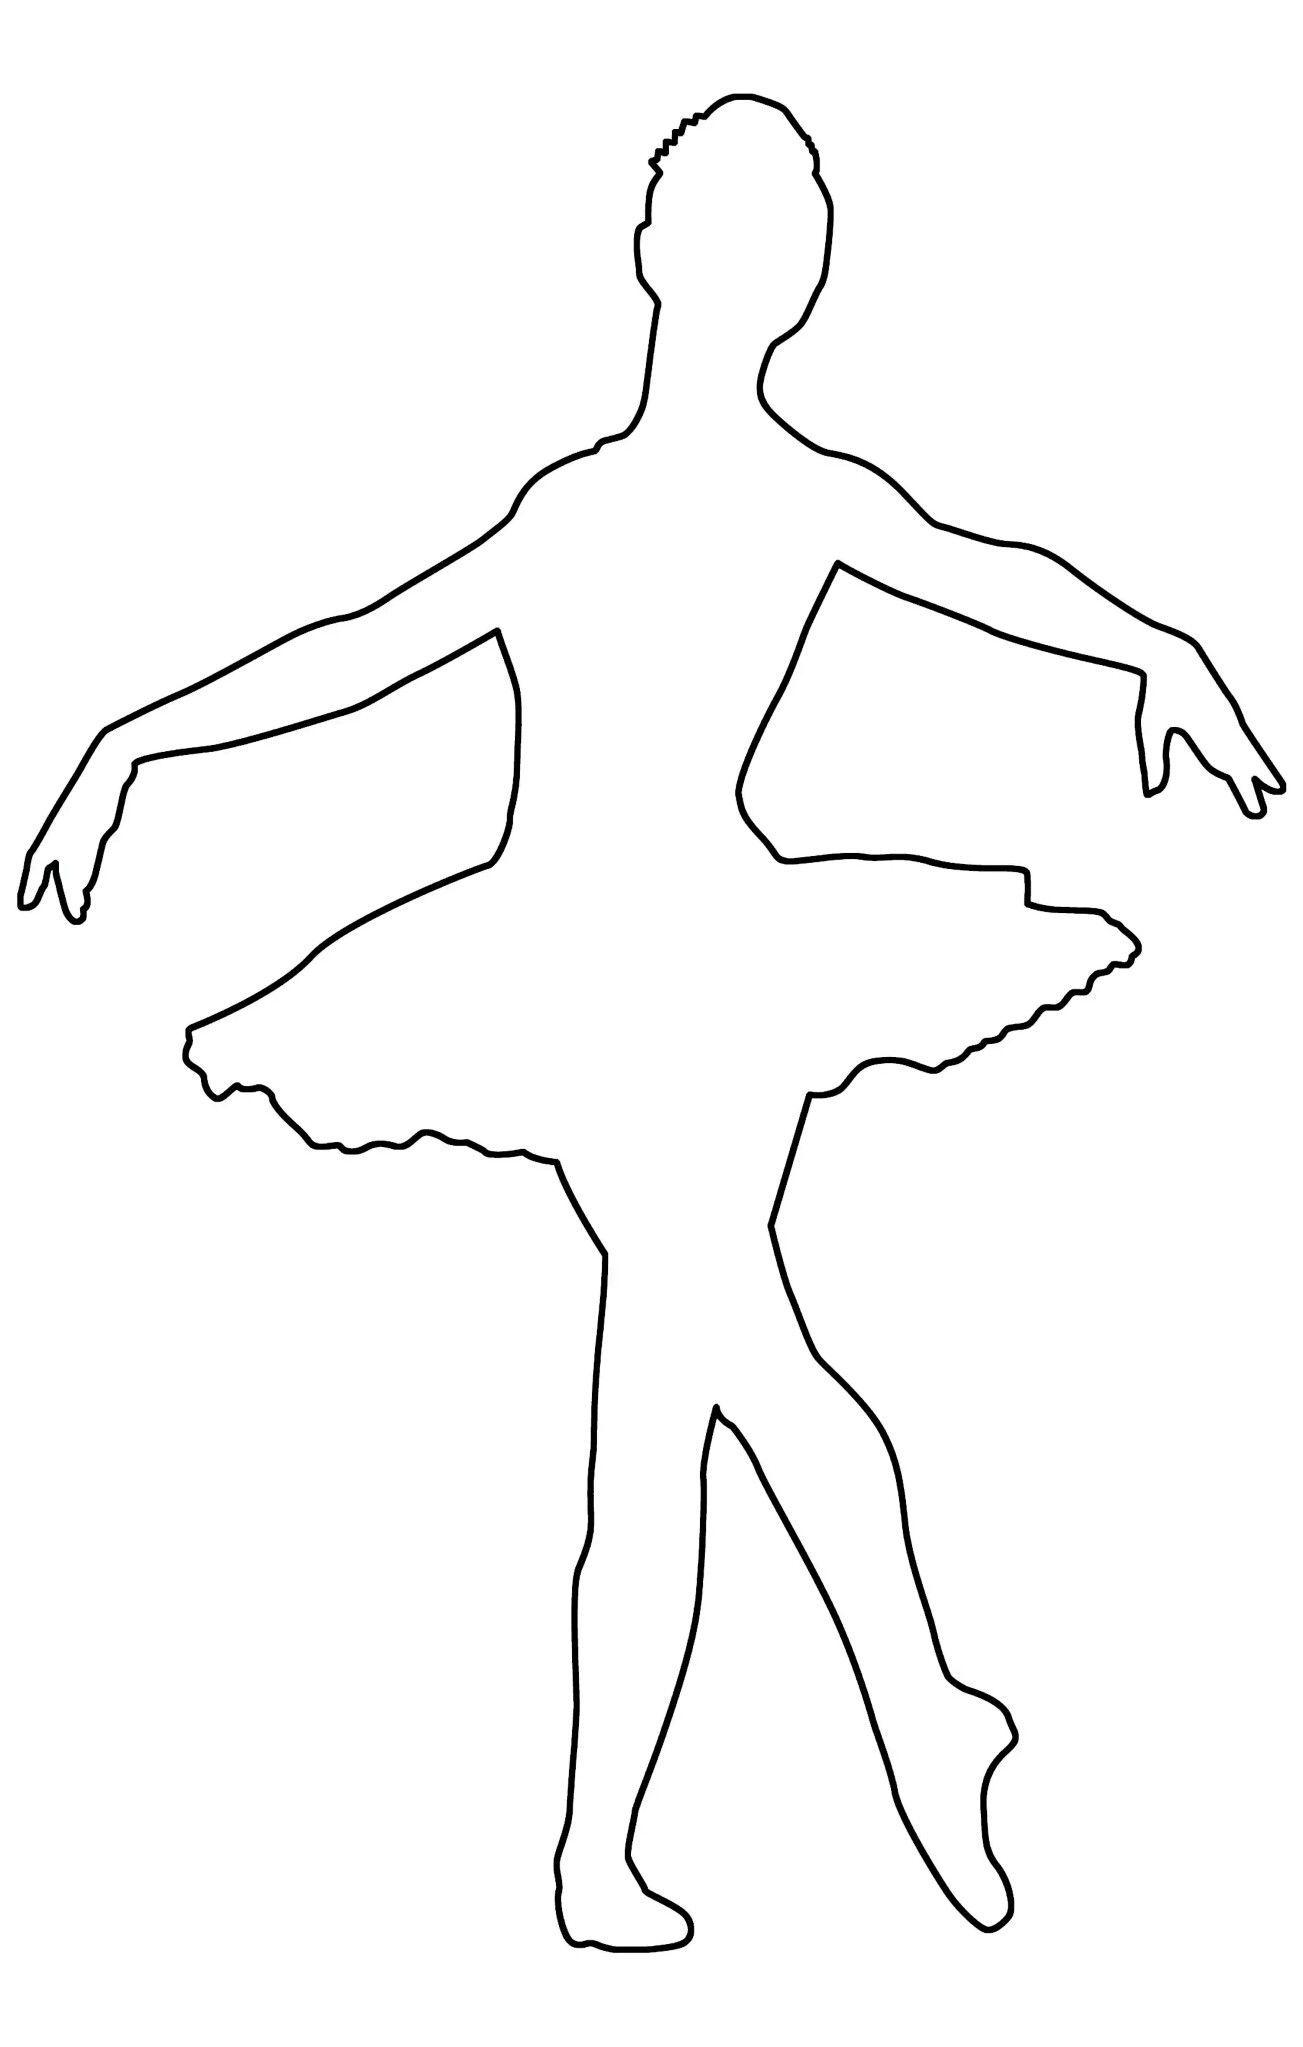 Isolde Karl Hamatschek Adli Kullanicinin Basteln Panosundaki Pin 2020 Desenler Dogum Gunu Fikirler